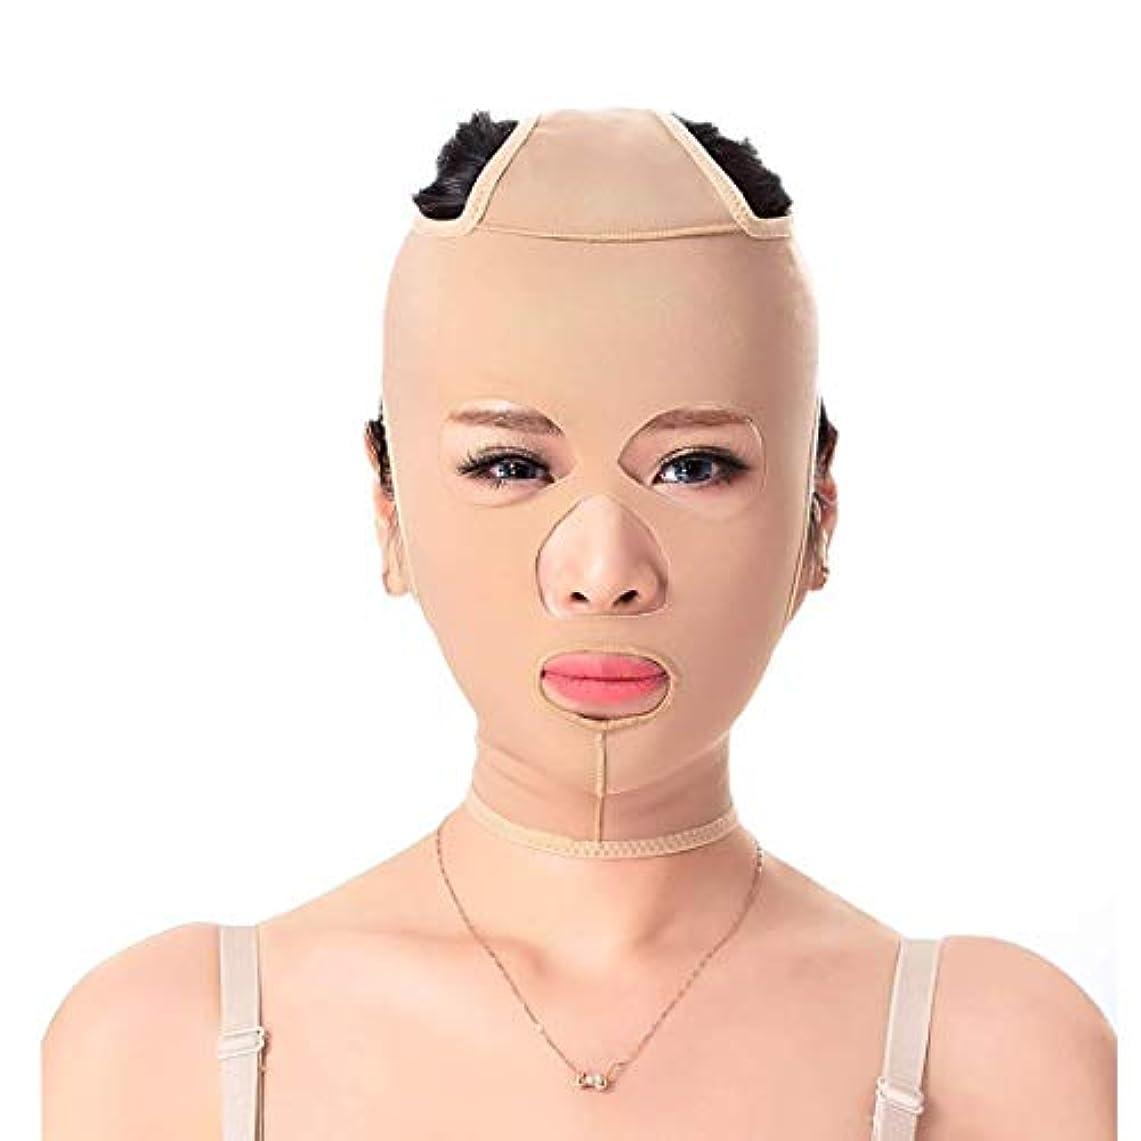 スペル美しい手術Slim身ベルト、フェイシャルマスクフェイスプラスチック顔Arを引き締めるダブルあごを持ち上げるパターンを布布する薄いフェイスマスクtifactパワフルフェイスバンデージ(サイズ:M)